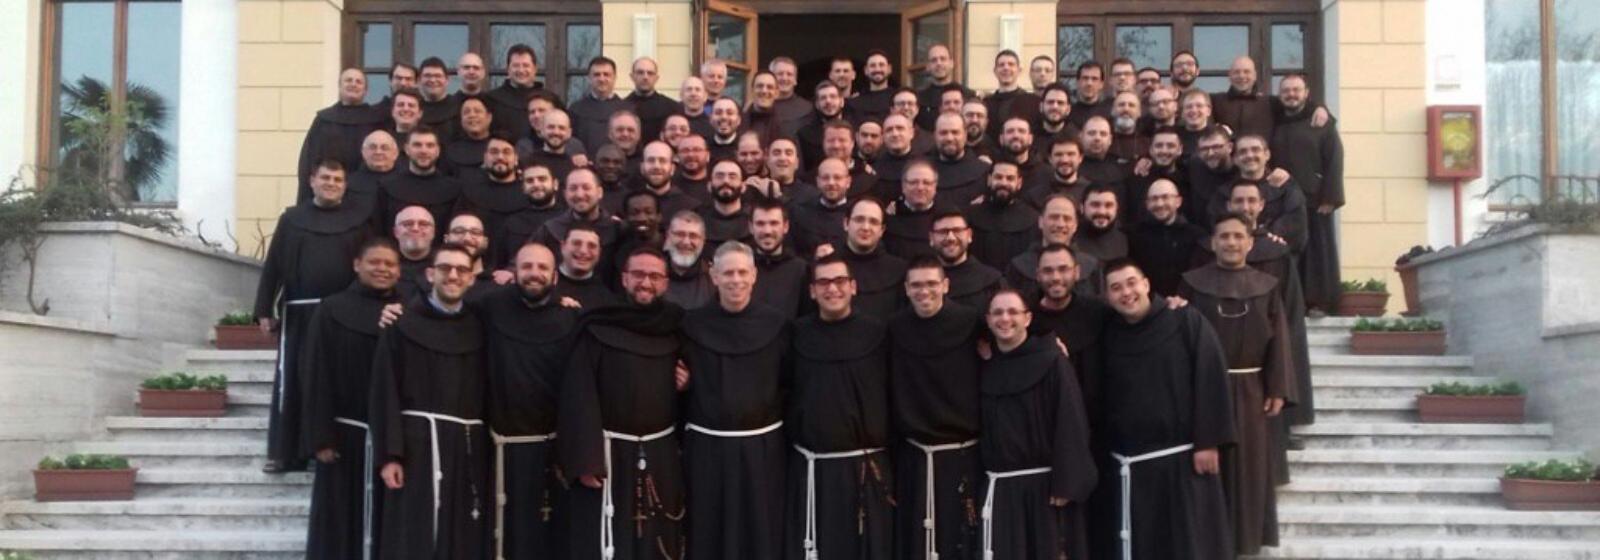 Testimoniare la vocazione francescana con creatività, fedeltà ed entusiasmo